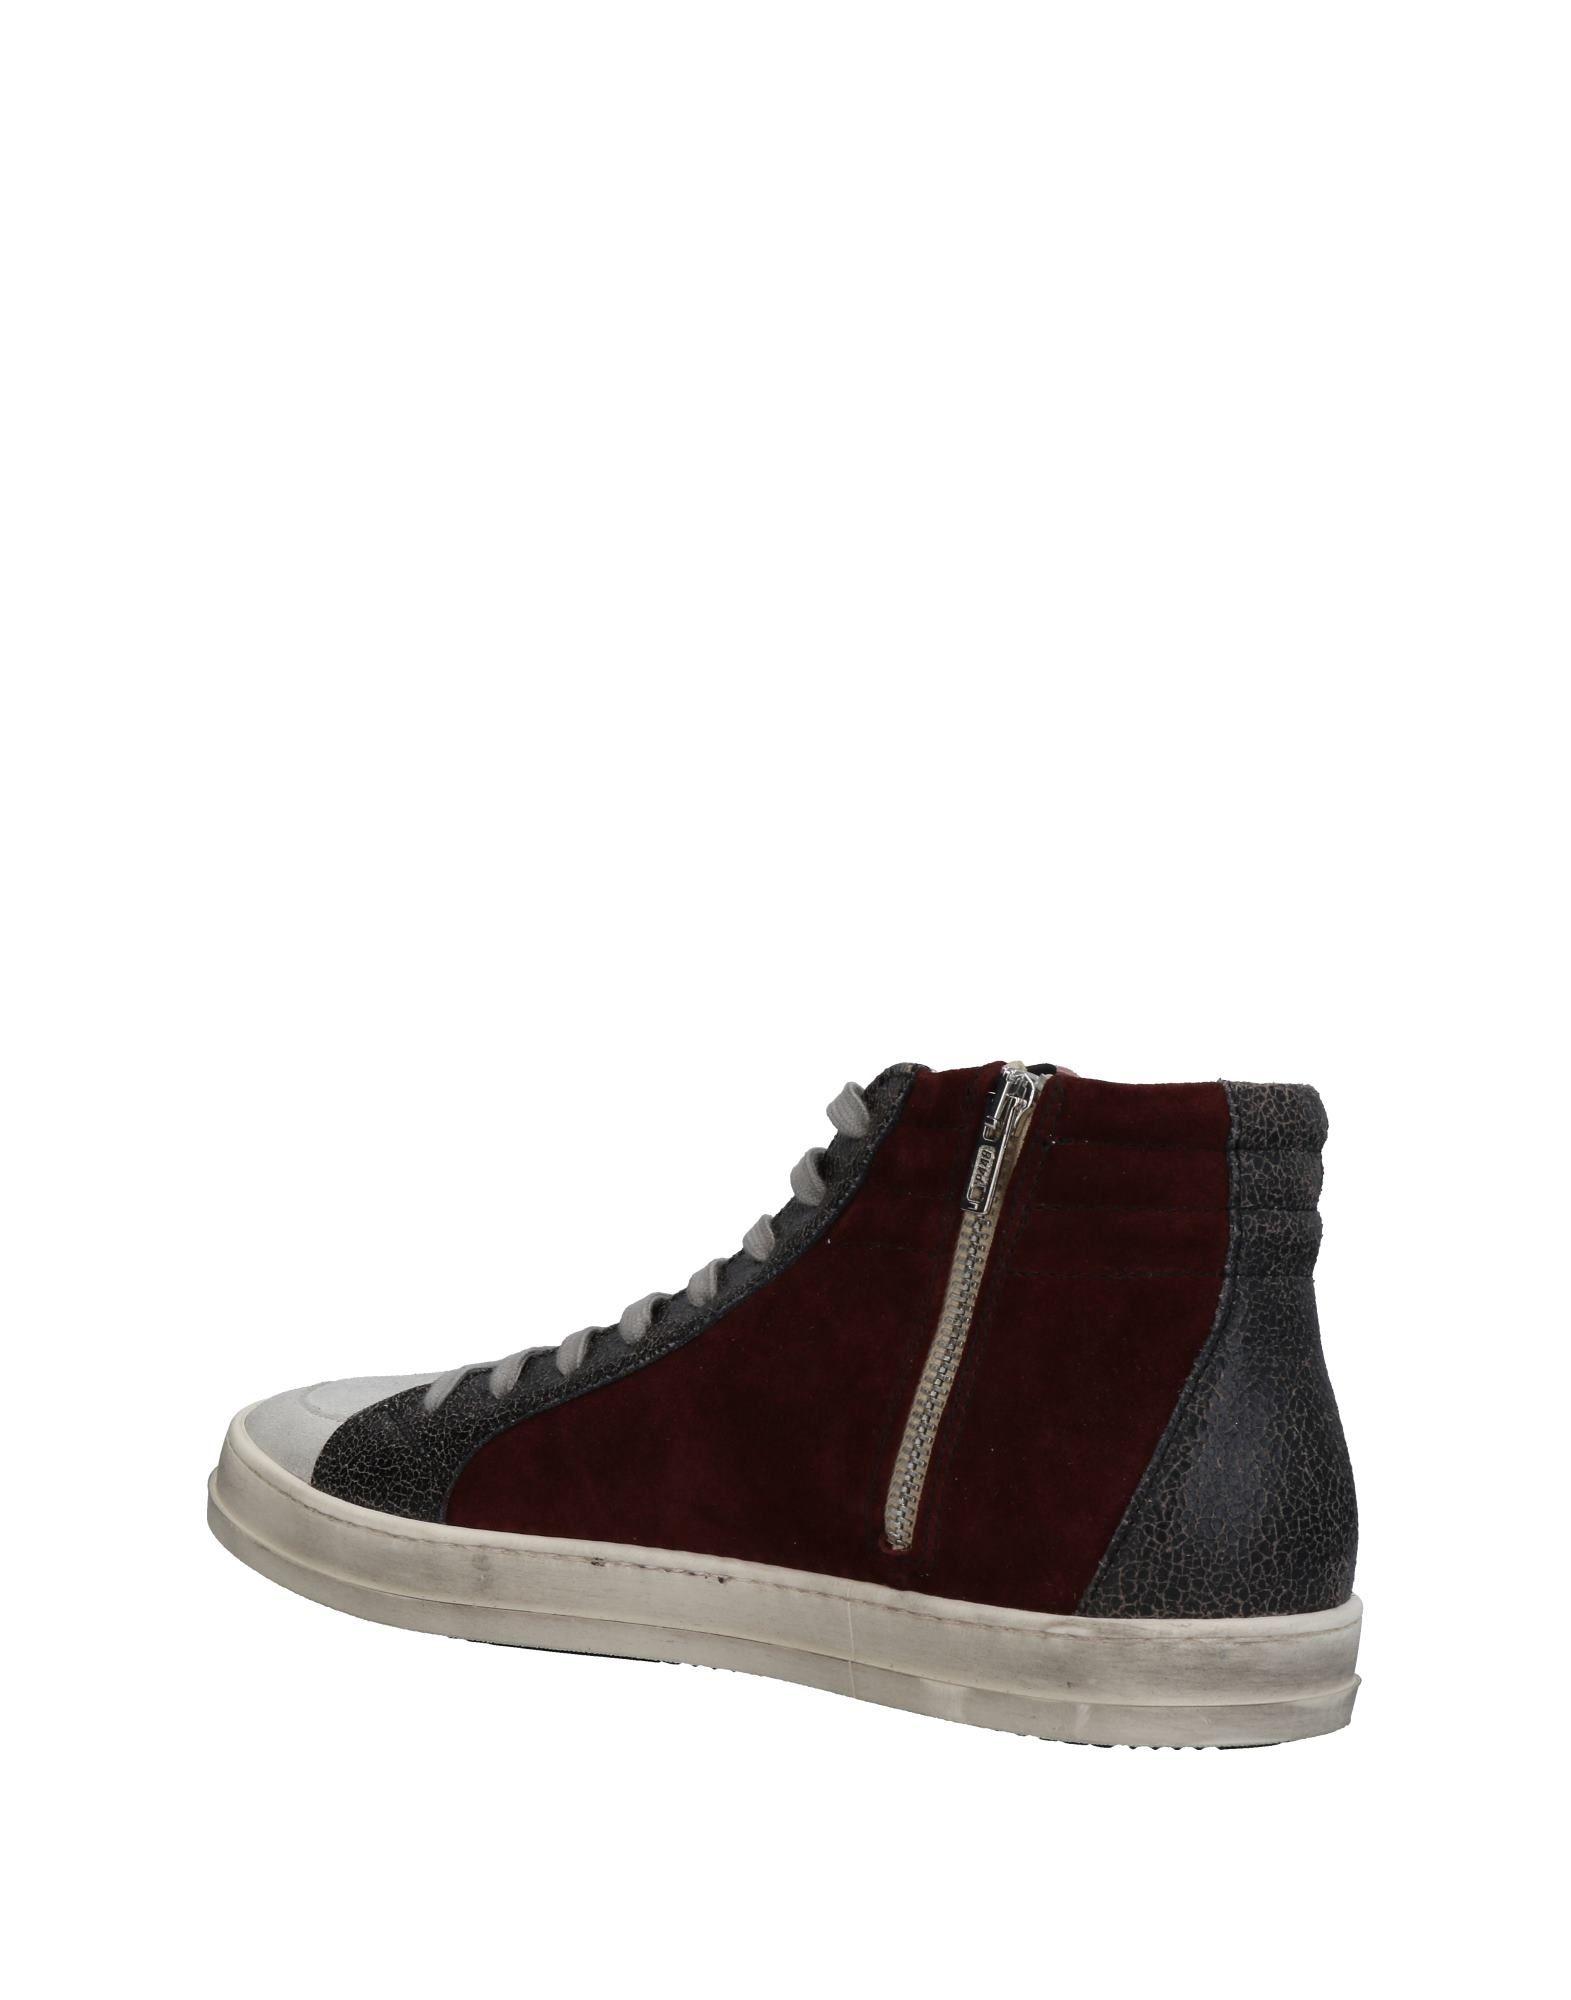 Rabatt echte  Schuhe P448 Sneakers Herren  echte 11457205JC 0b25d1